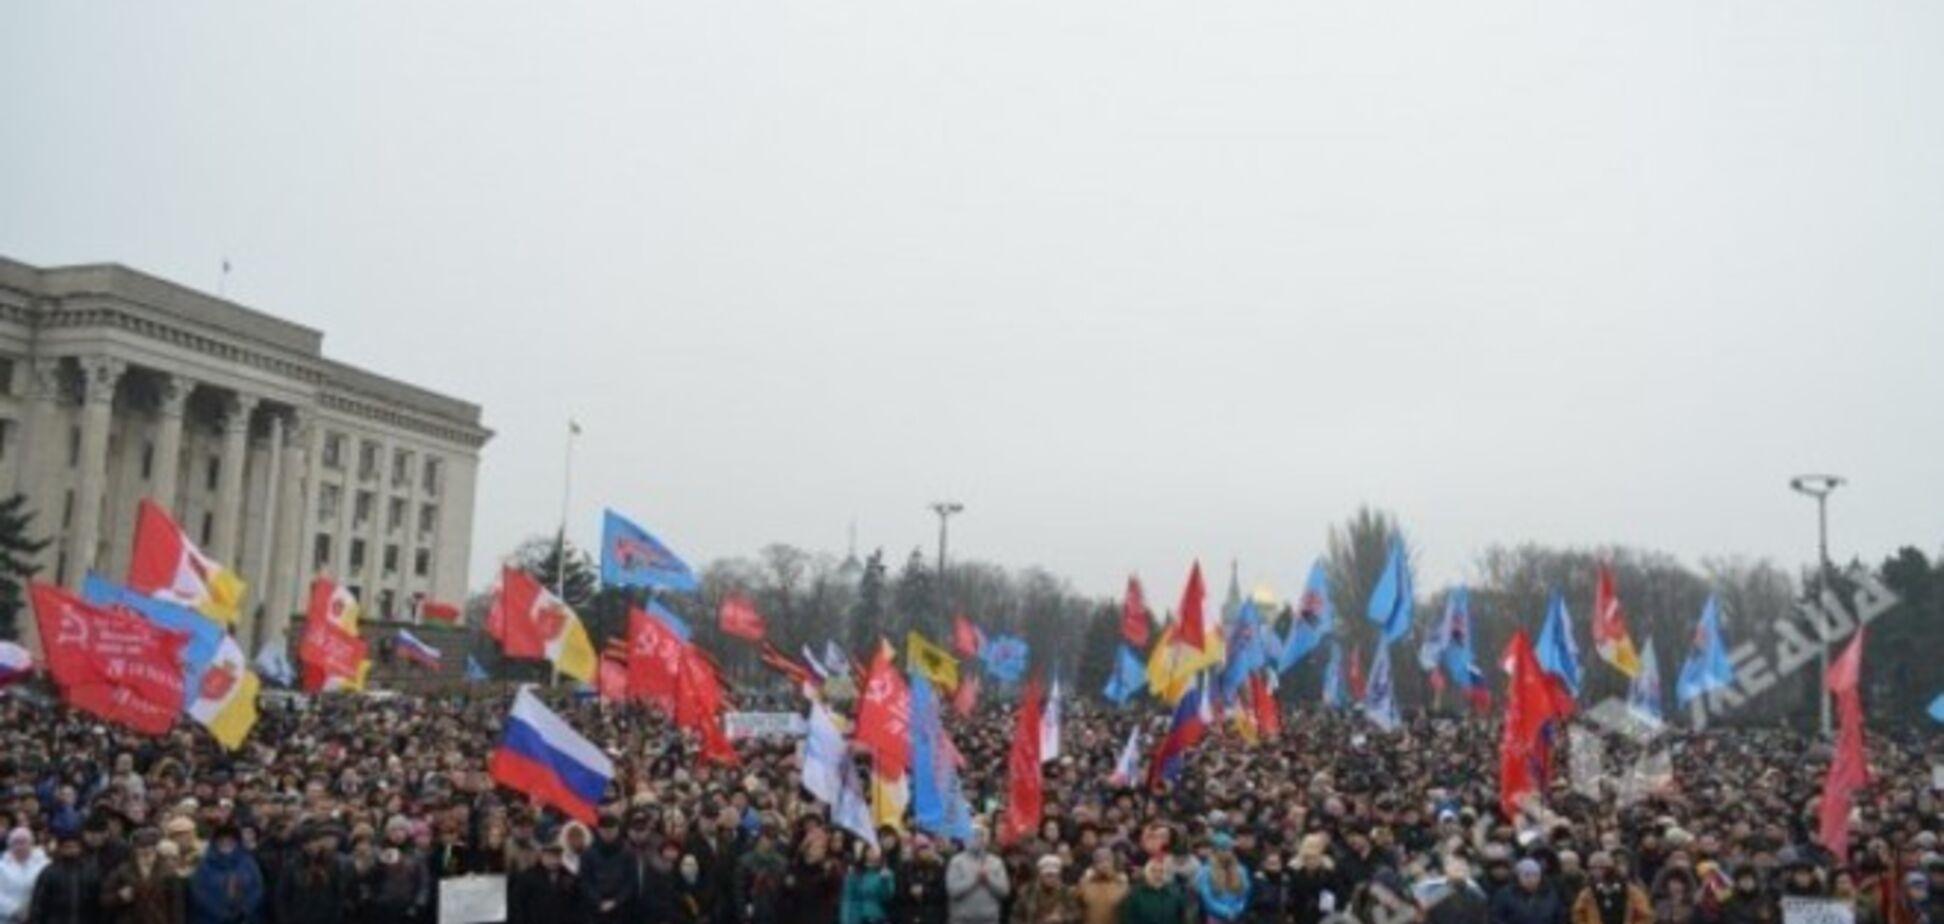 Одеські сепаратисти проривалися в Будинок профспілок 'подивитися на сучасну' Катинь '